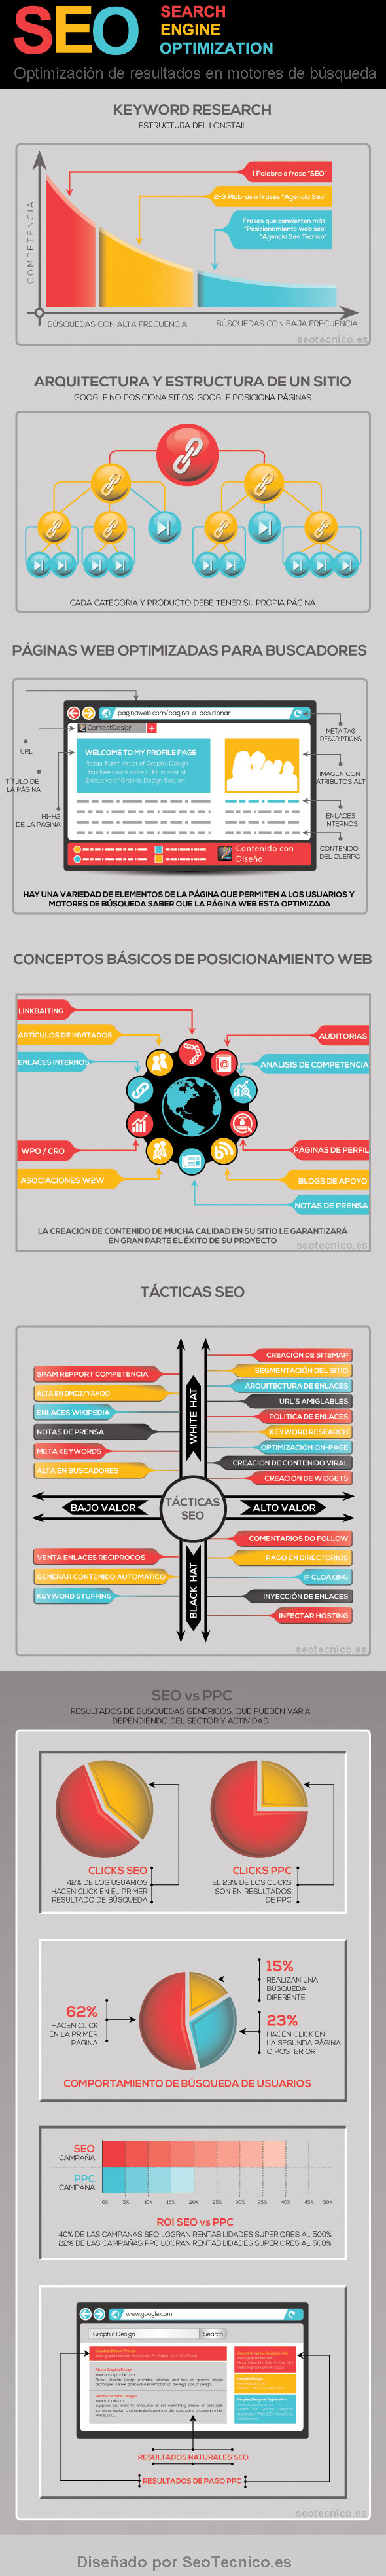 seo-infografia-posicionamiento